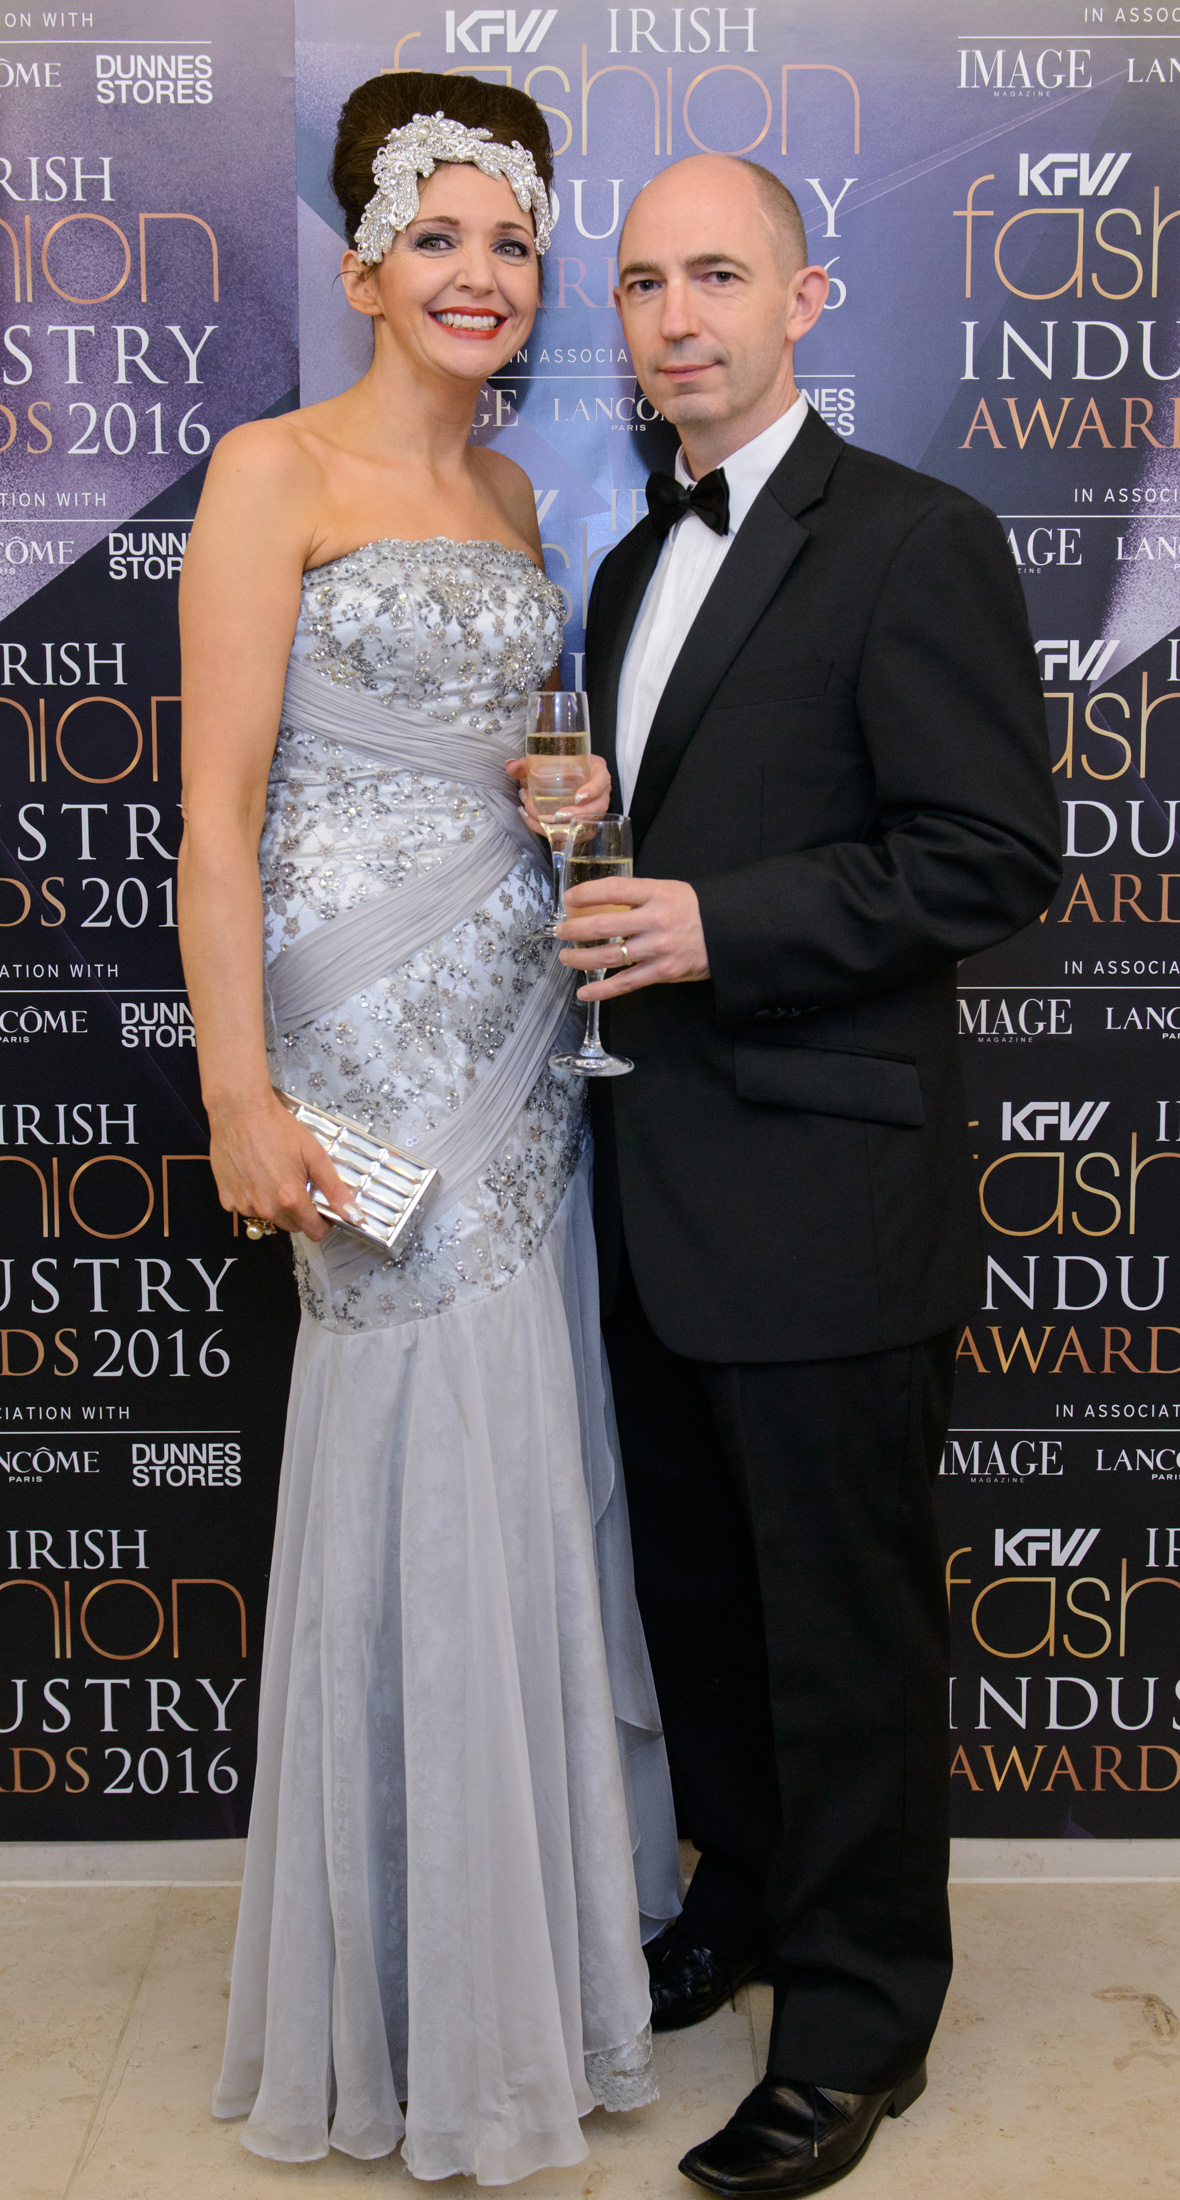 KFW16_Irish Fashion Industry Awards_9787.JPG